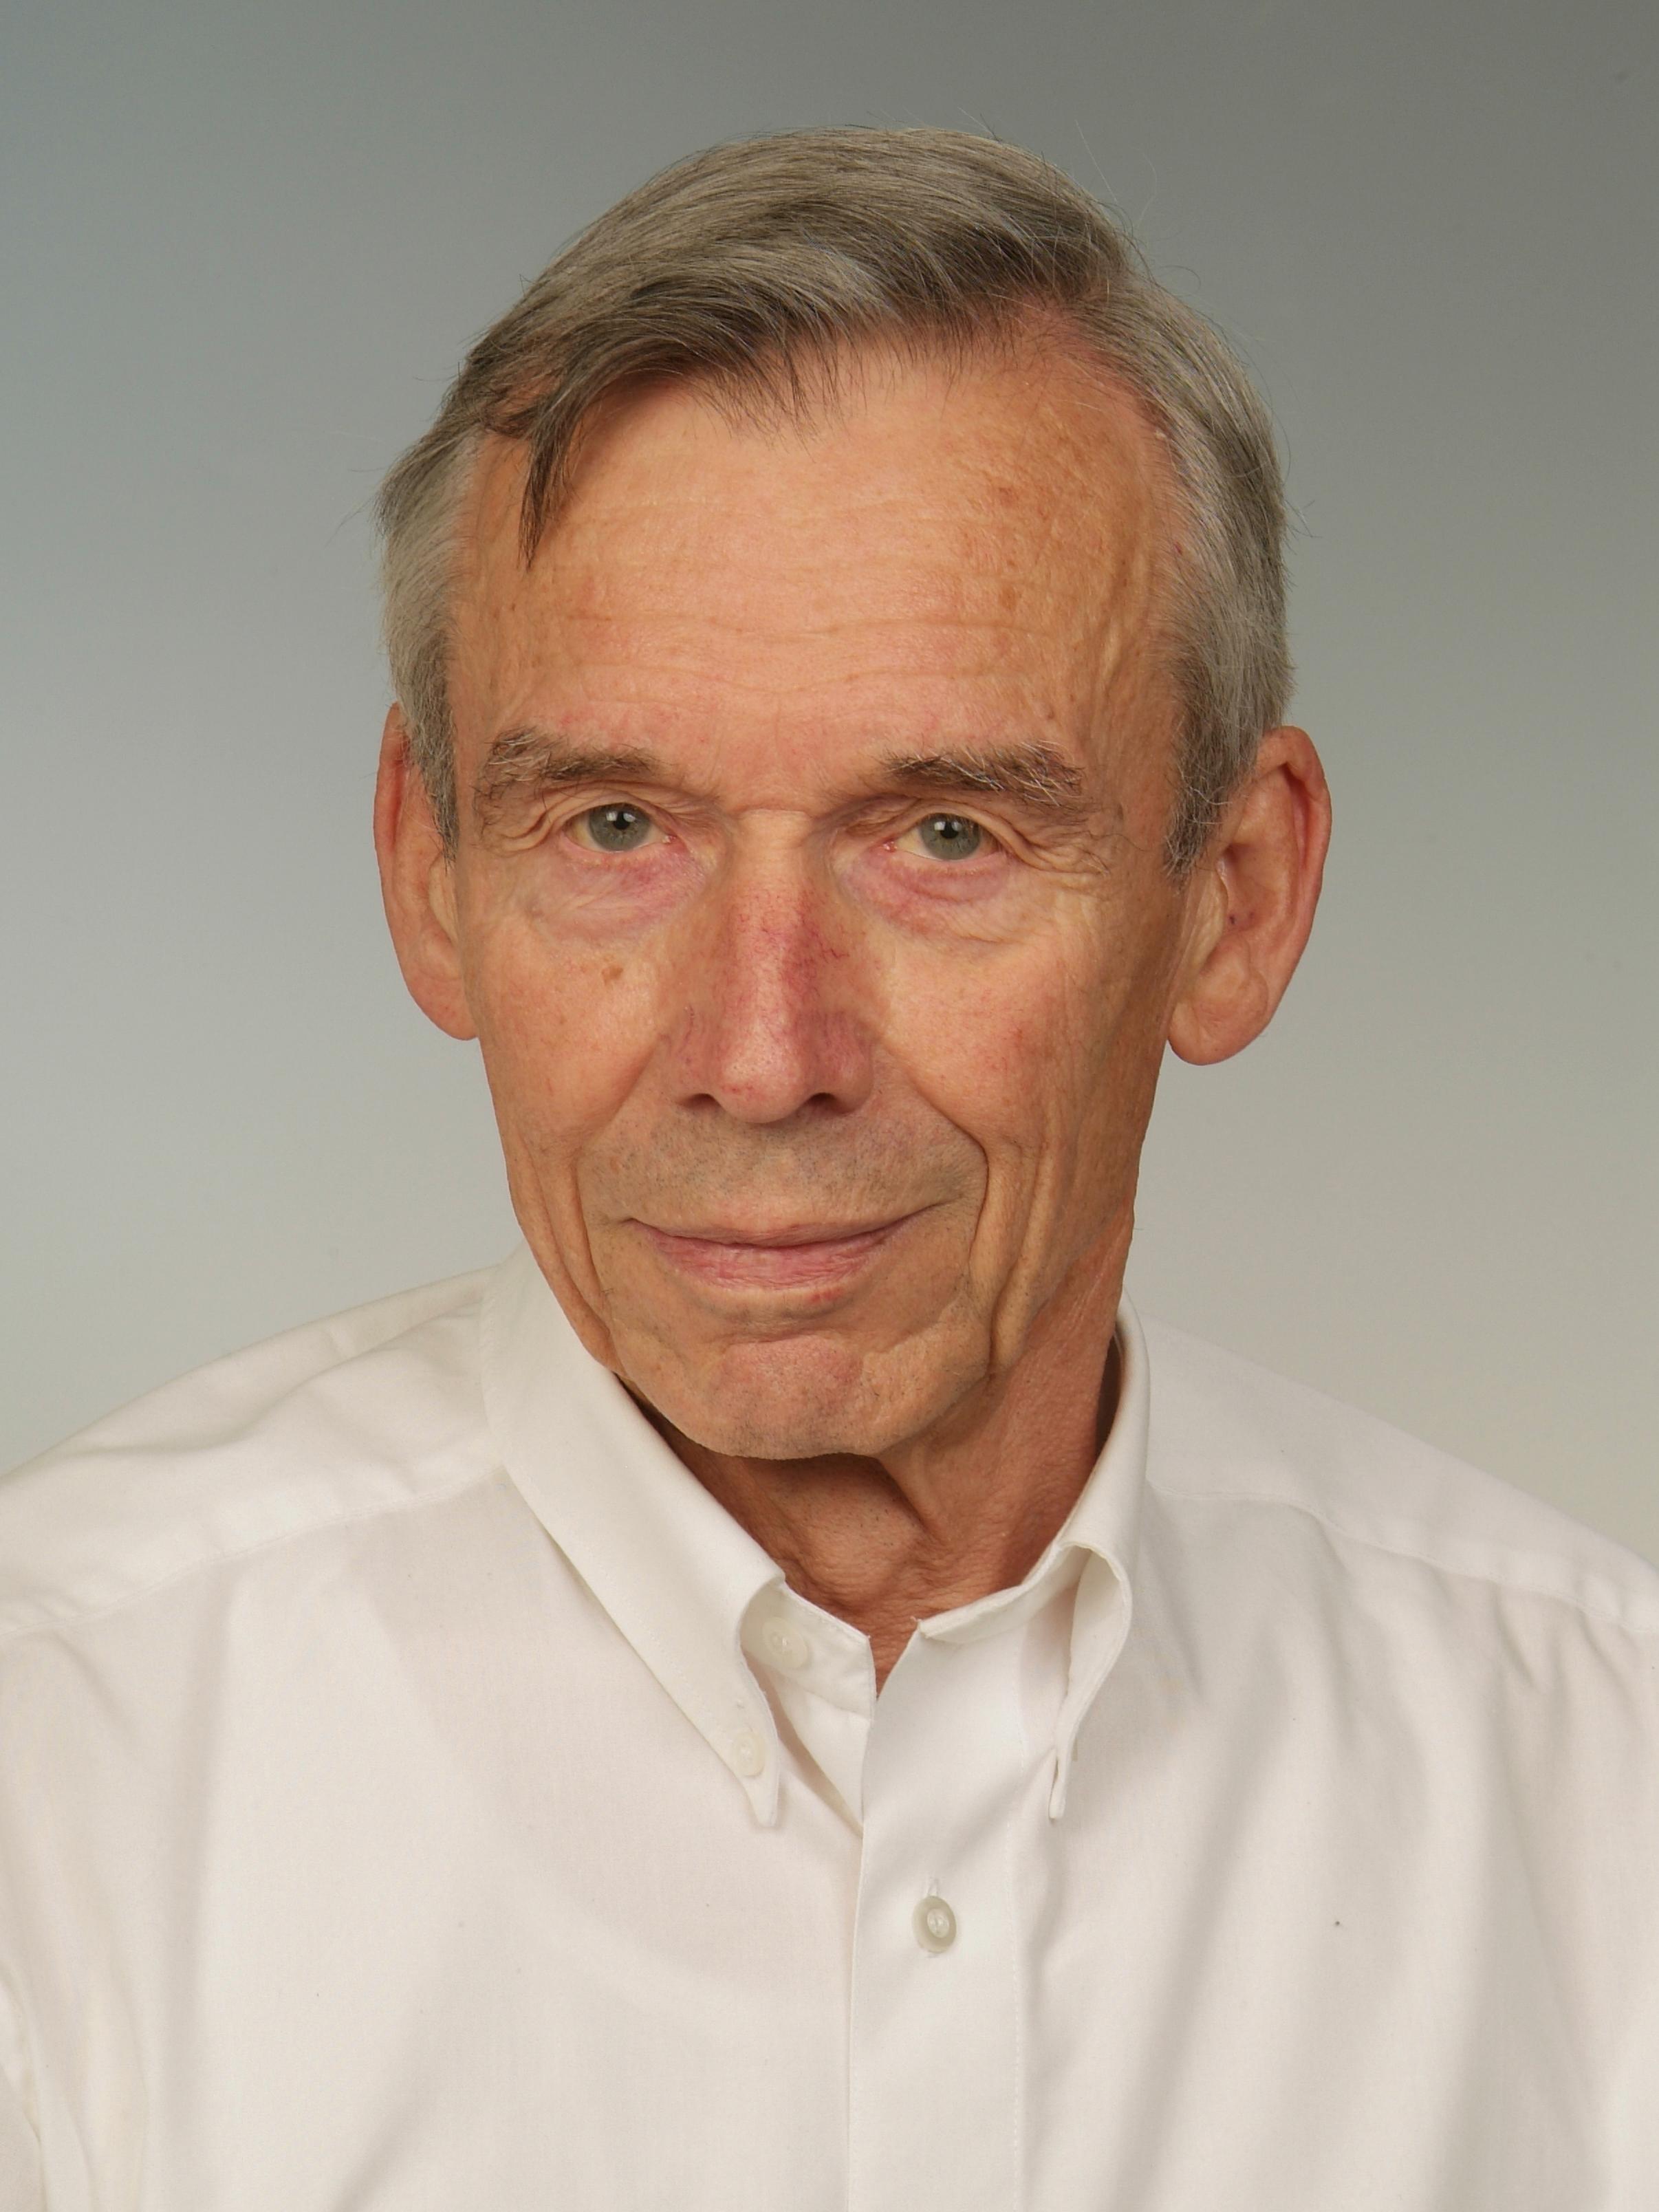 Prof. em. Dr. med. Ulrich Schwabe